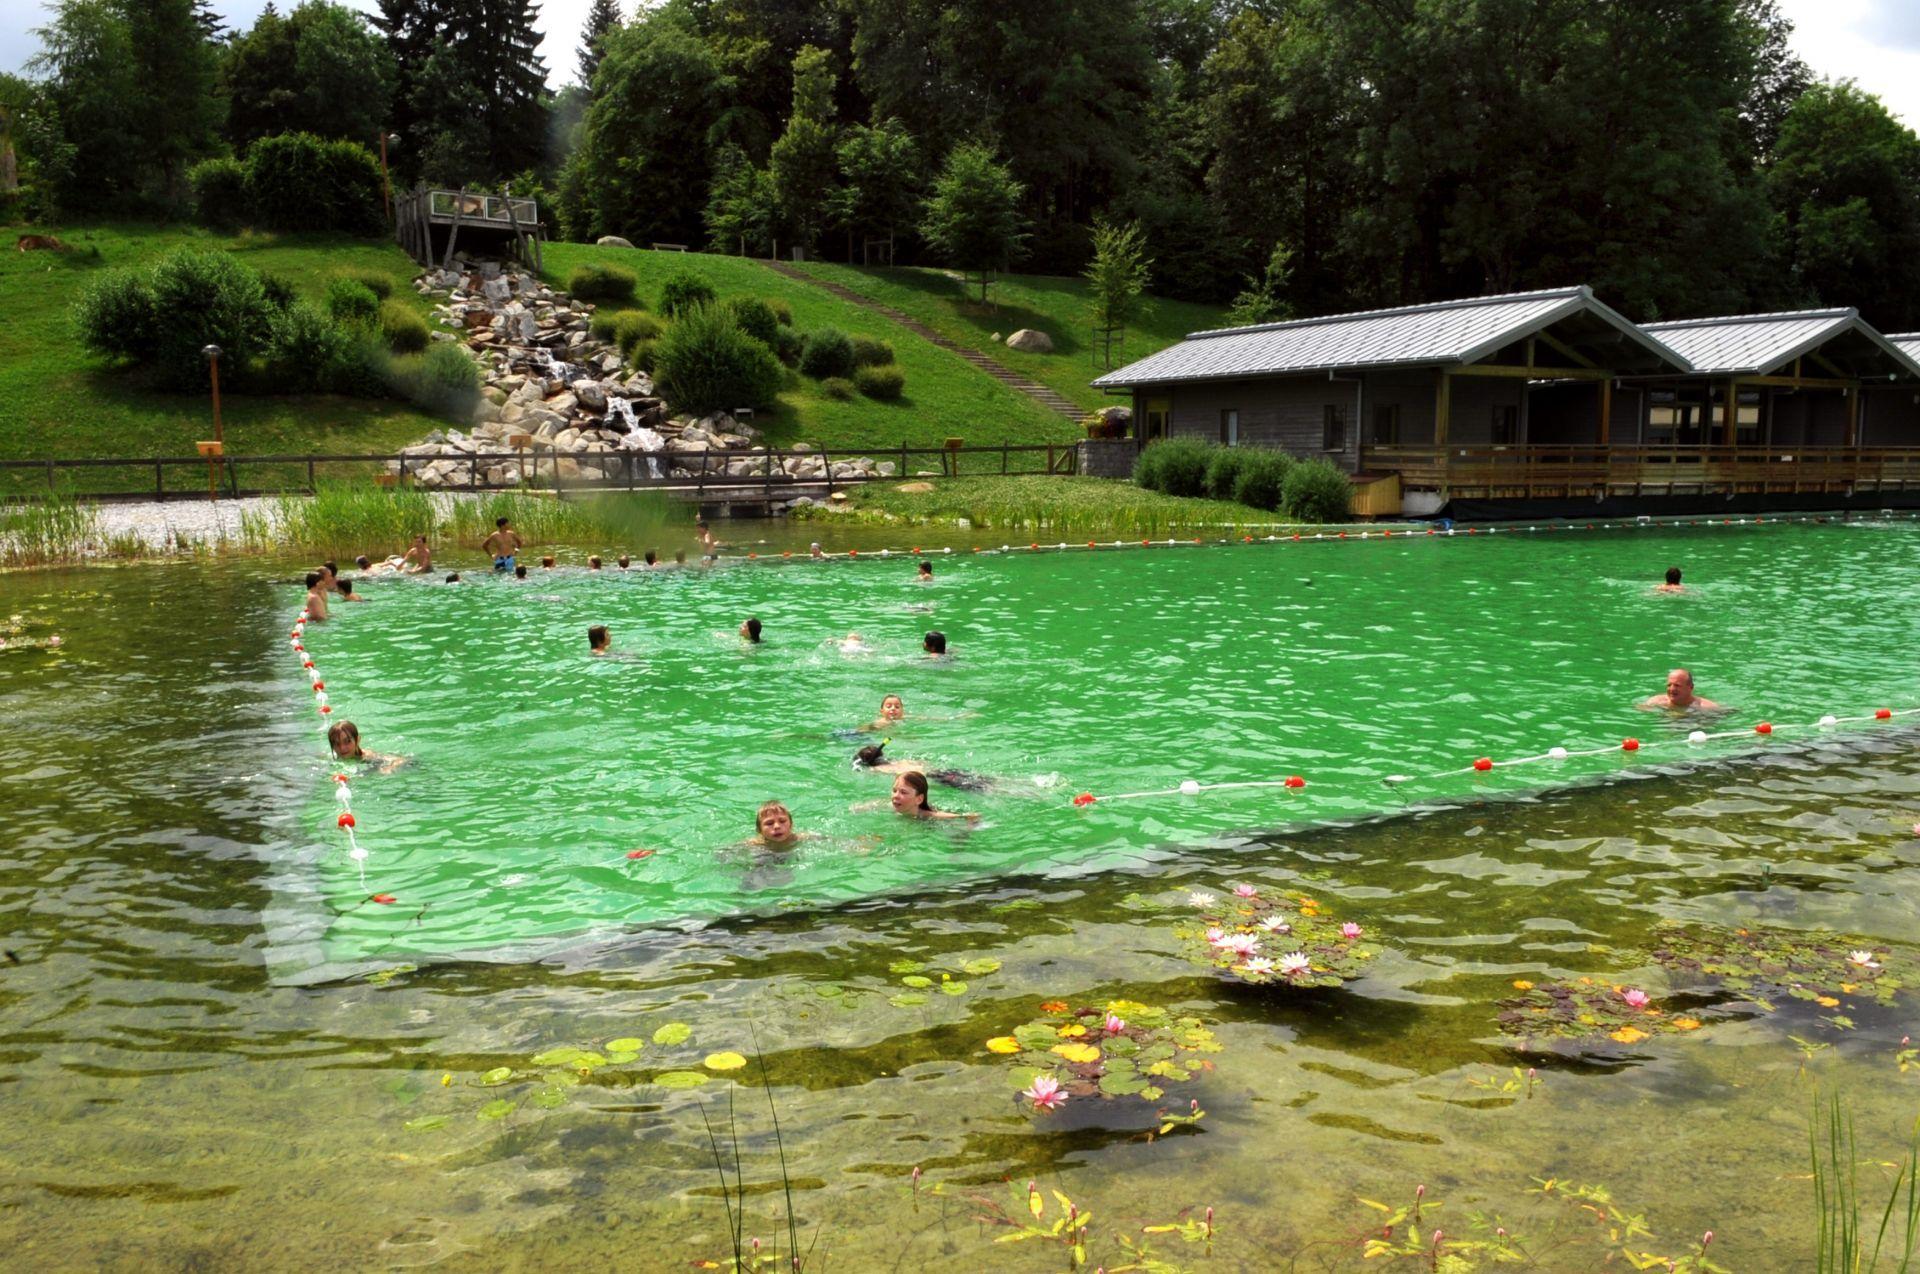 Piscine A Moins De 100 Euros les piscines 100% naturelles séduisent | www.cnews.fr